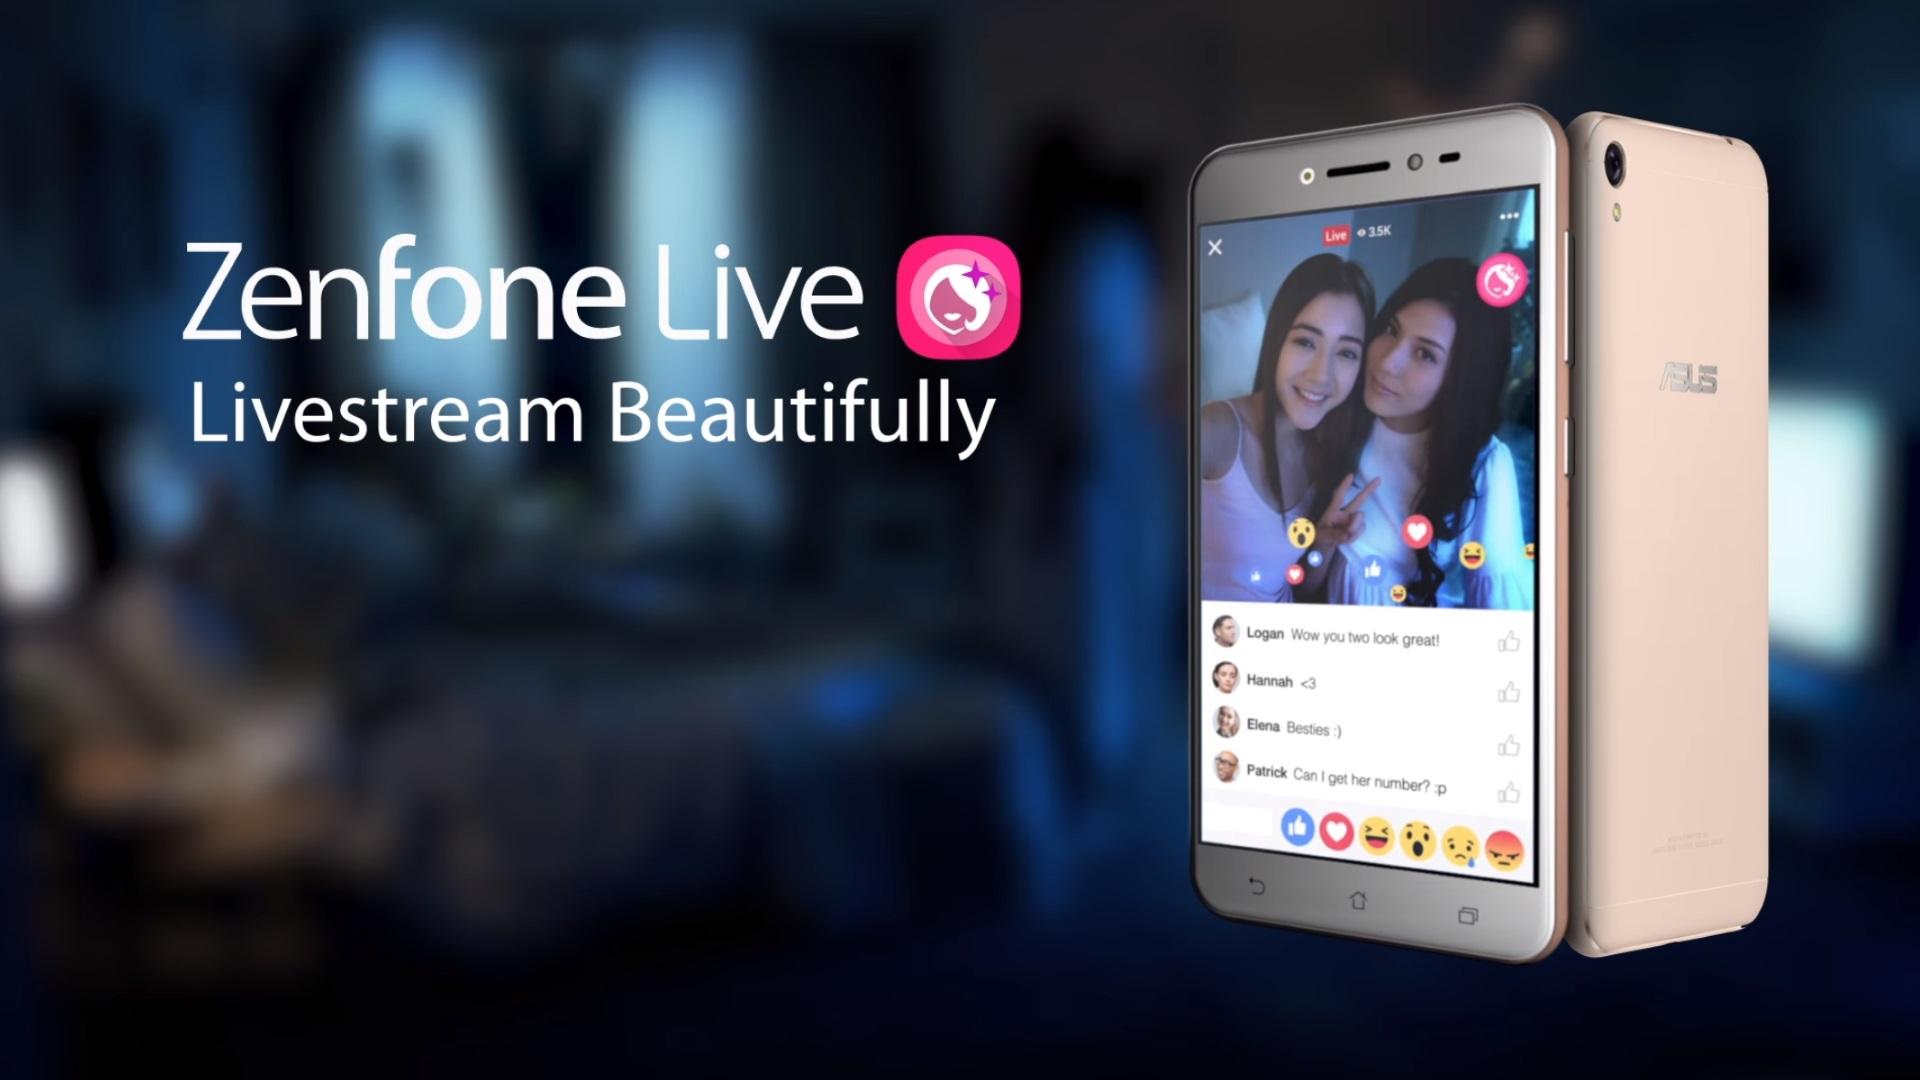 貞●?「ASUS ZenFone Live」の面白いプロモ動画